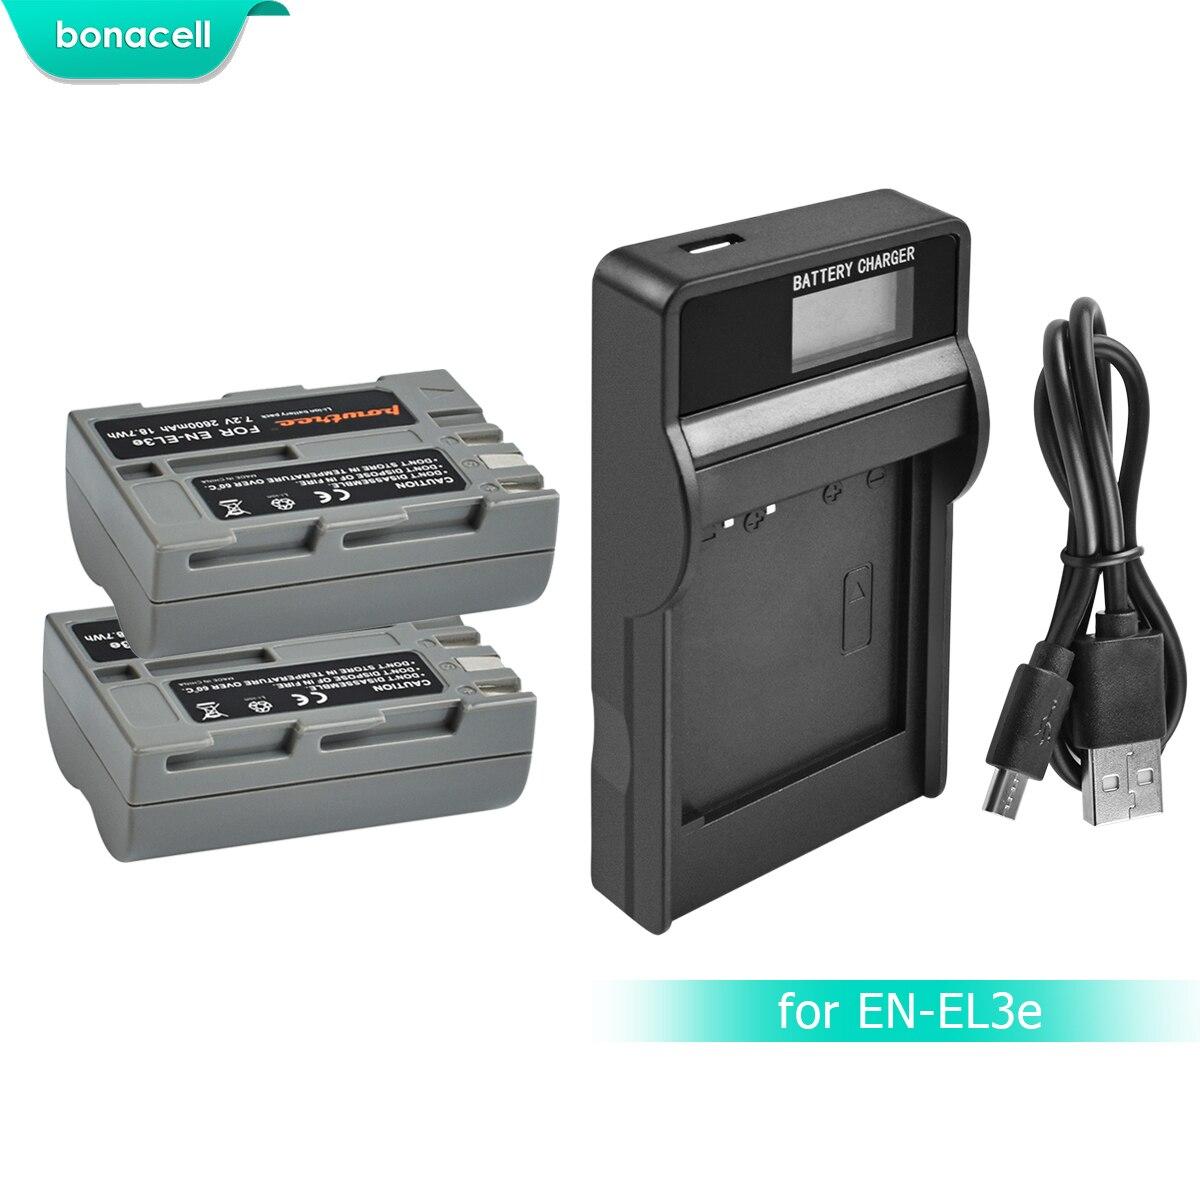 Bonacell 2600 mah EN-EL3e EN EL3e EL3a ENEL3e Batterie + Batterie LCD Chargeur pour Nikon D300S D300 D100 D200 D700 d70S D80 D90 D5 L15